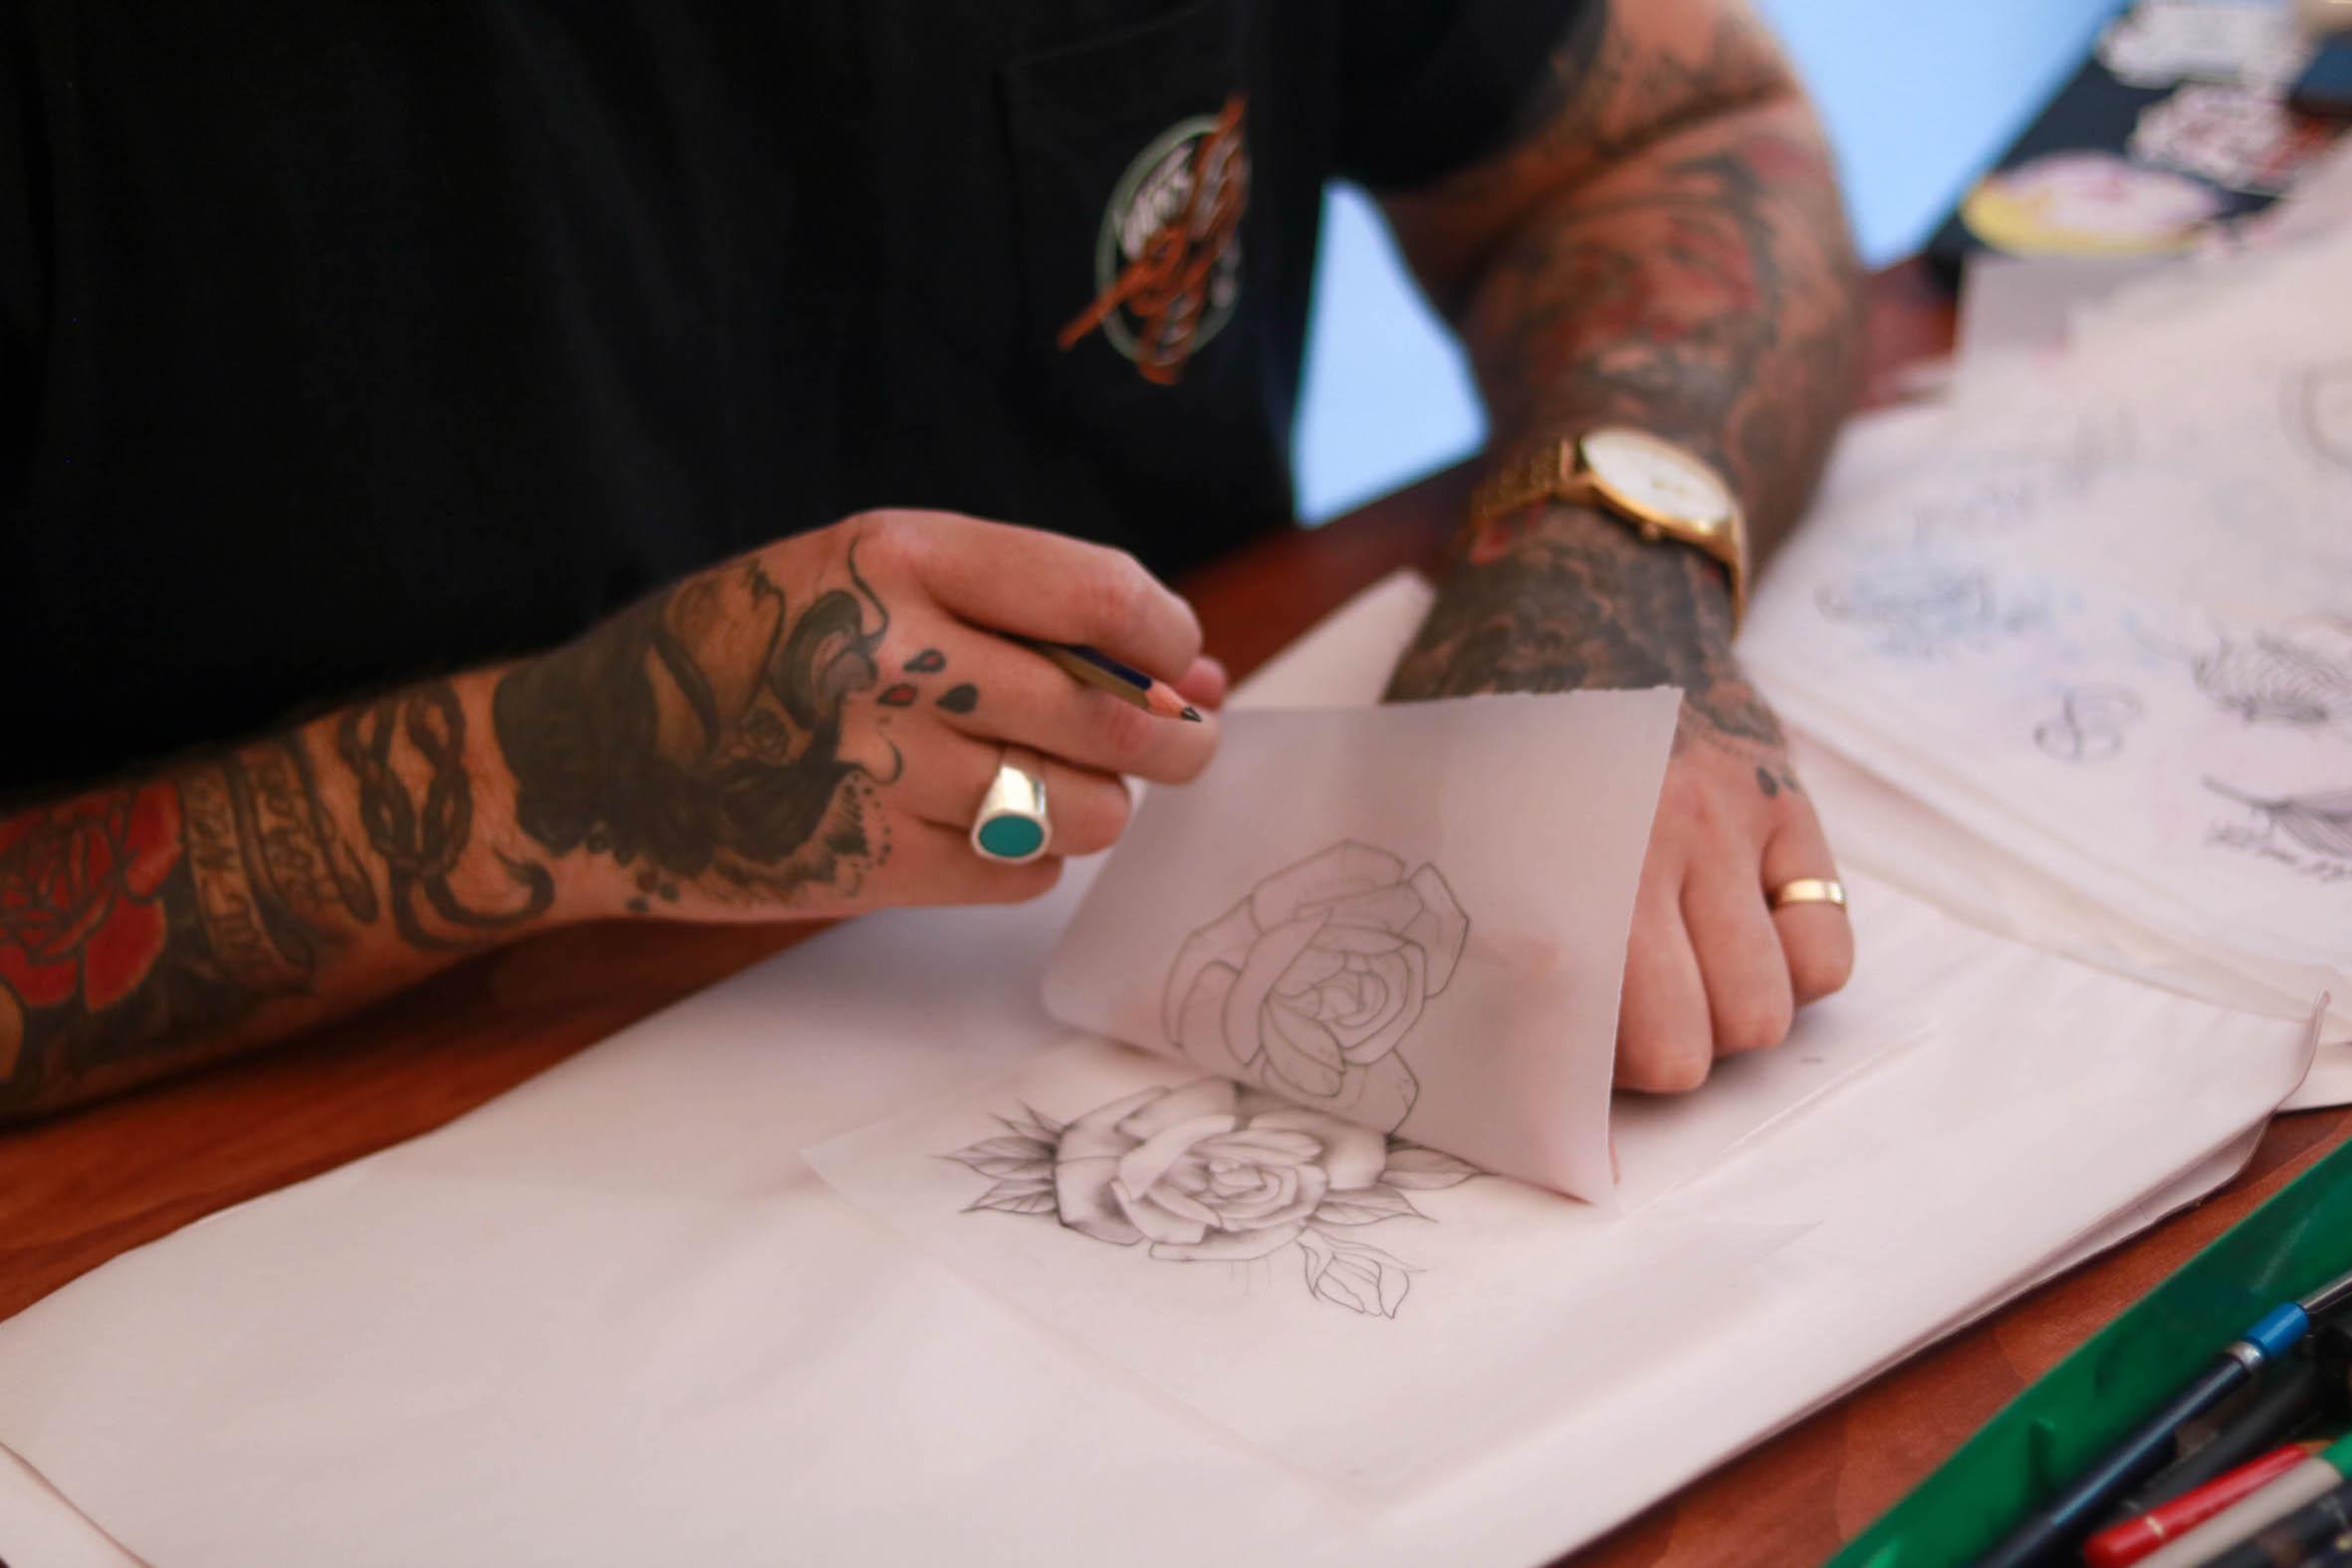 Interview with Tattoo Artist, Mason Murdey